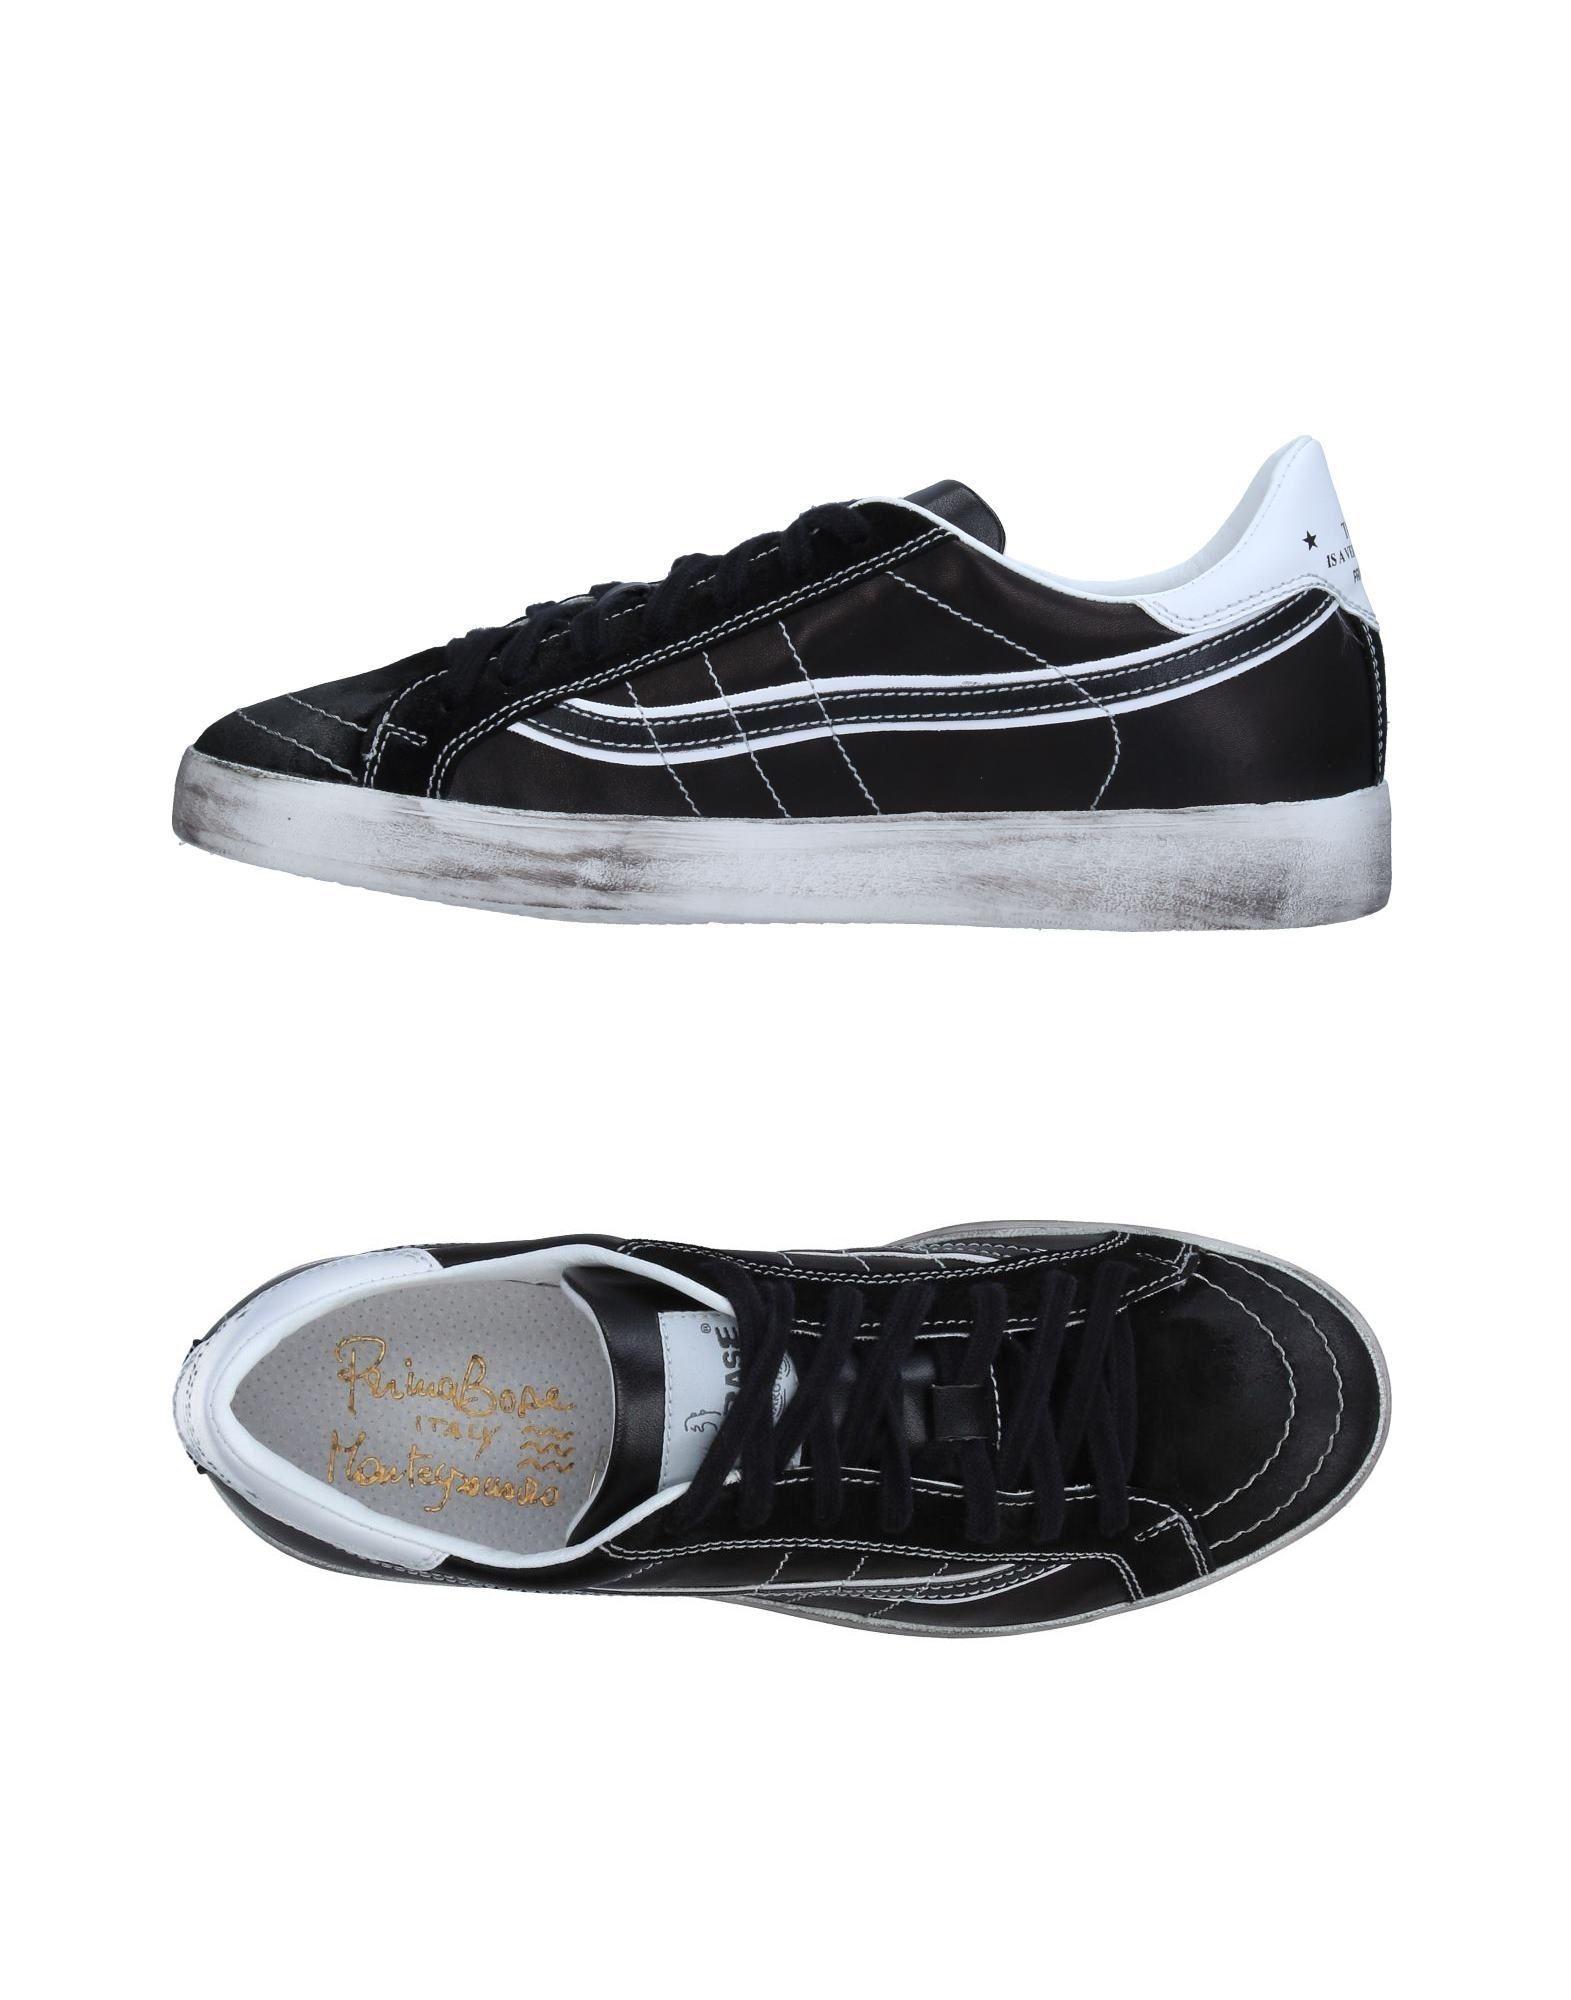 PRIMABASE Herren Low Sneakers & Tennisschuhe Farbe Schwarz Größe 9 jetztbilligerkaufen